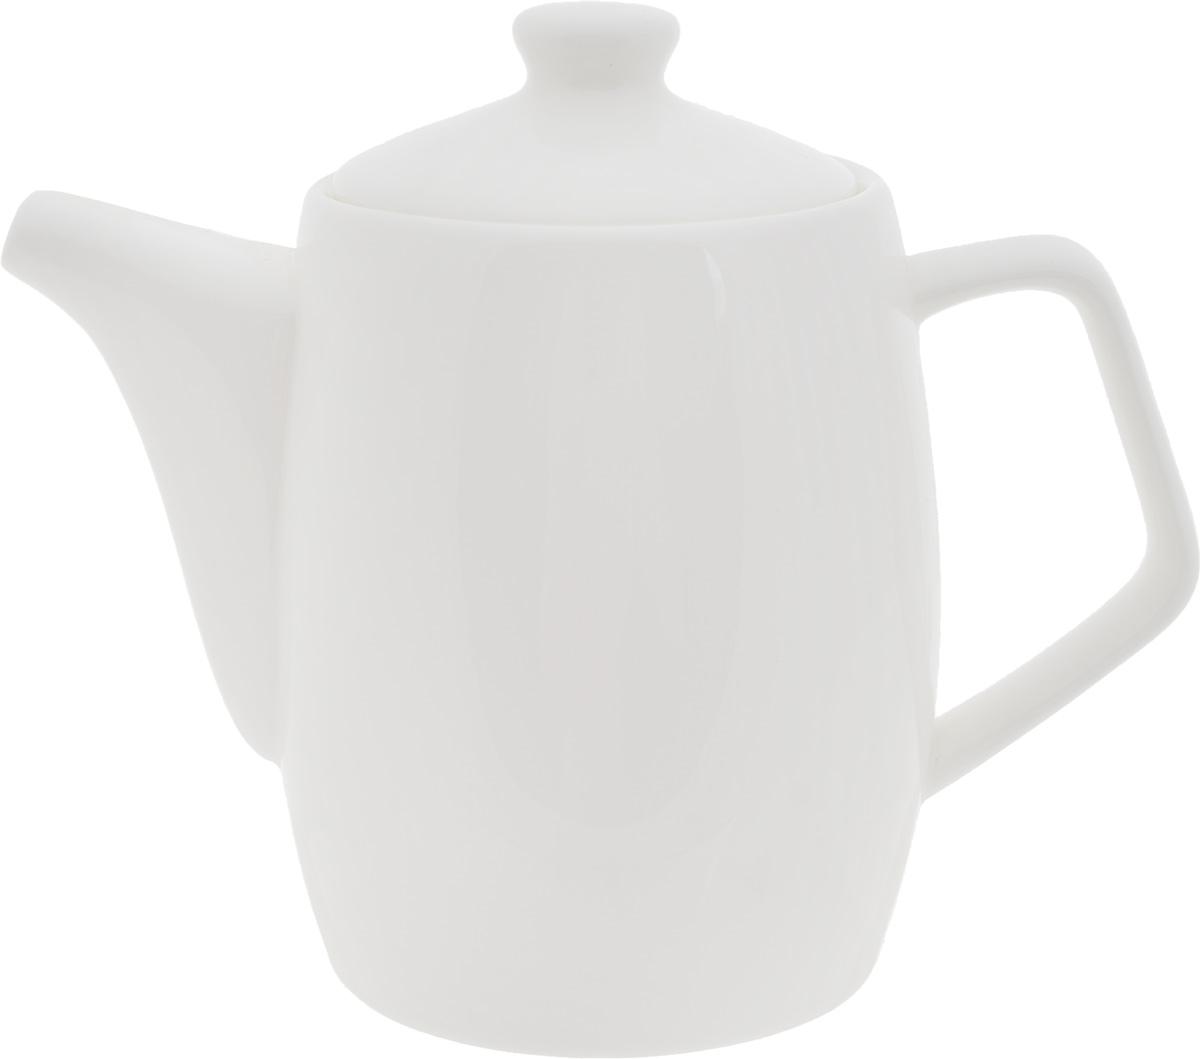 Чайник заварочный Wilmax, 1 лWL-994025 / 1CЗаварочный чайник Wilmax изготовлен из высококачественного фарфора. Глазурованное покрытие обеспечивает легкую очистку. Изделие прекрасно подходит для заваривания вкусного и ароматного чая, а также травяных настоев. Ситечко в основании носика препятствует попаданию чаинок в чашку. Оригинальный дизайн сделает чайник настоящим украшением стола. Он удобен в использовании и понравится каждому.Можно мыть в посудомоечной машине и использовать в микроволновой печи. Диаметр чайника (по верхнему краю): 9,2 см. Высота чайника (без учета крышки): 14,2 см.